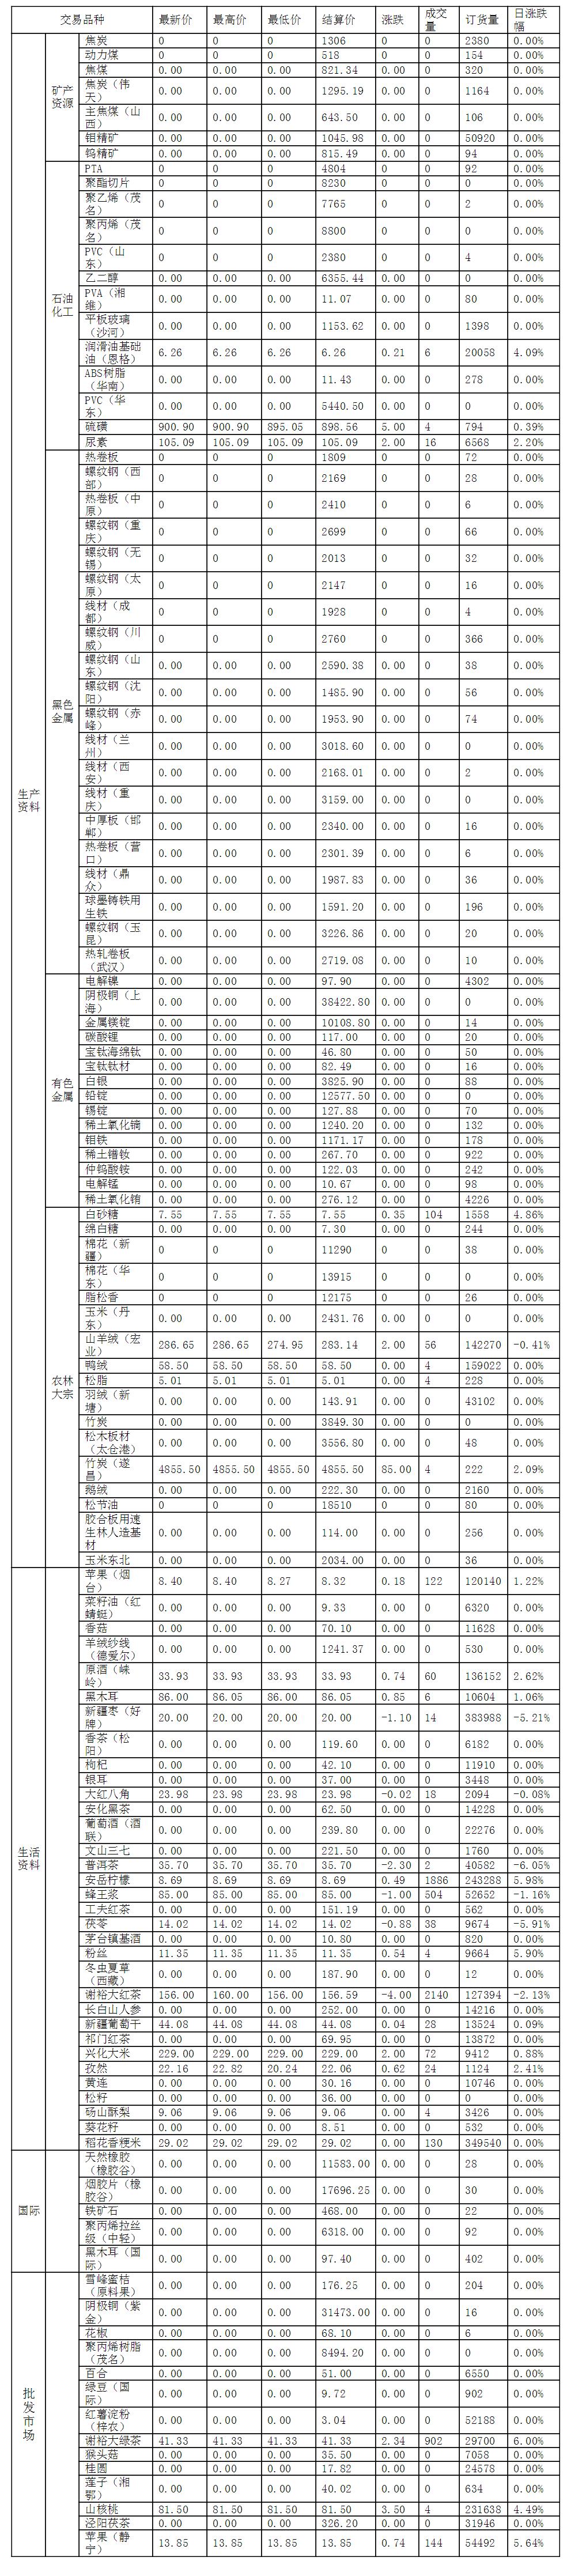 2020-03-30渤海商品交易所每日行情